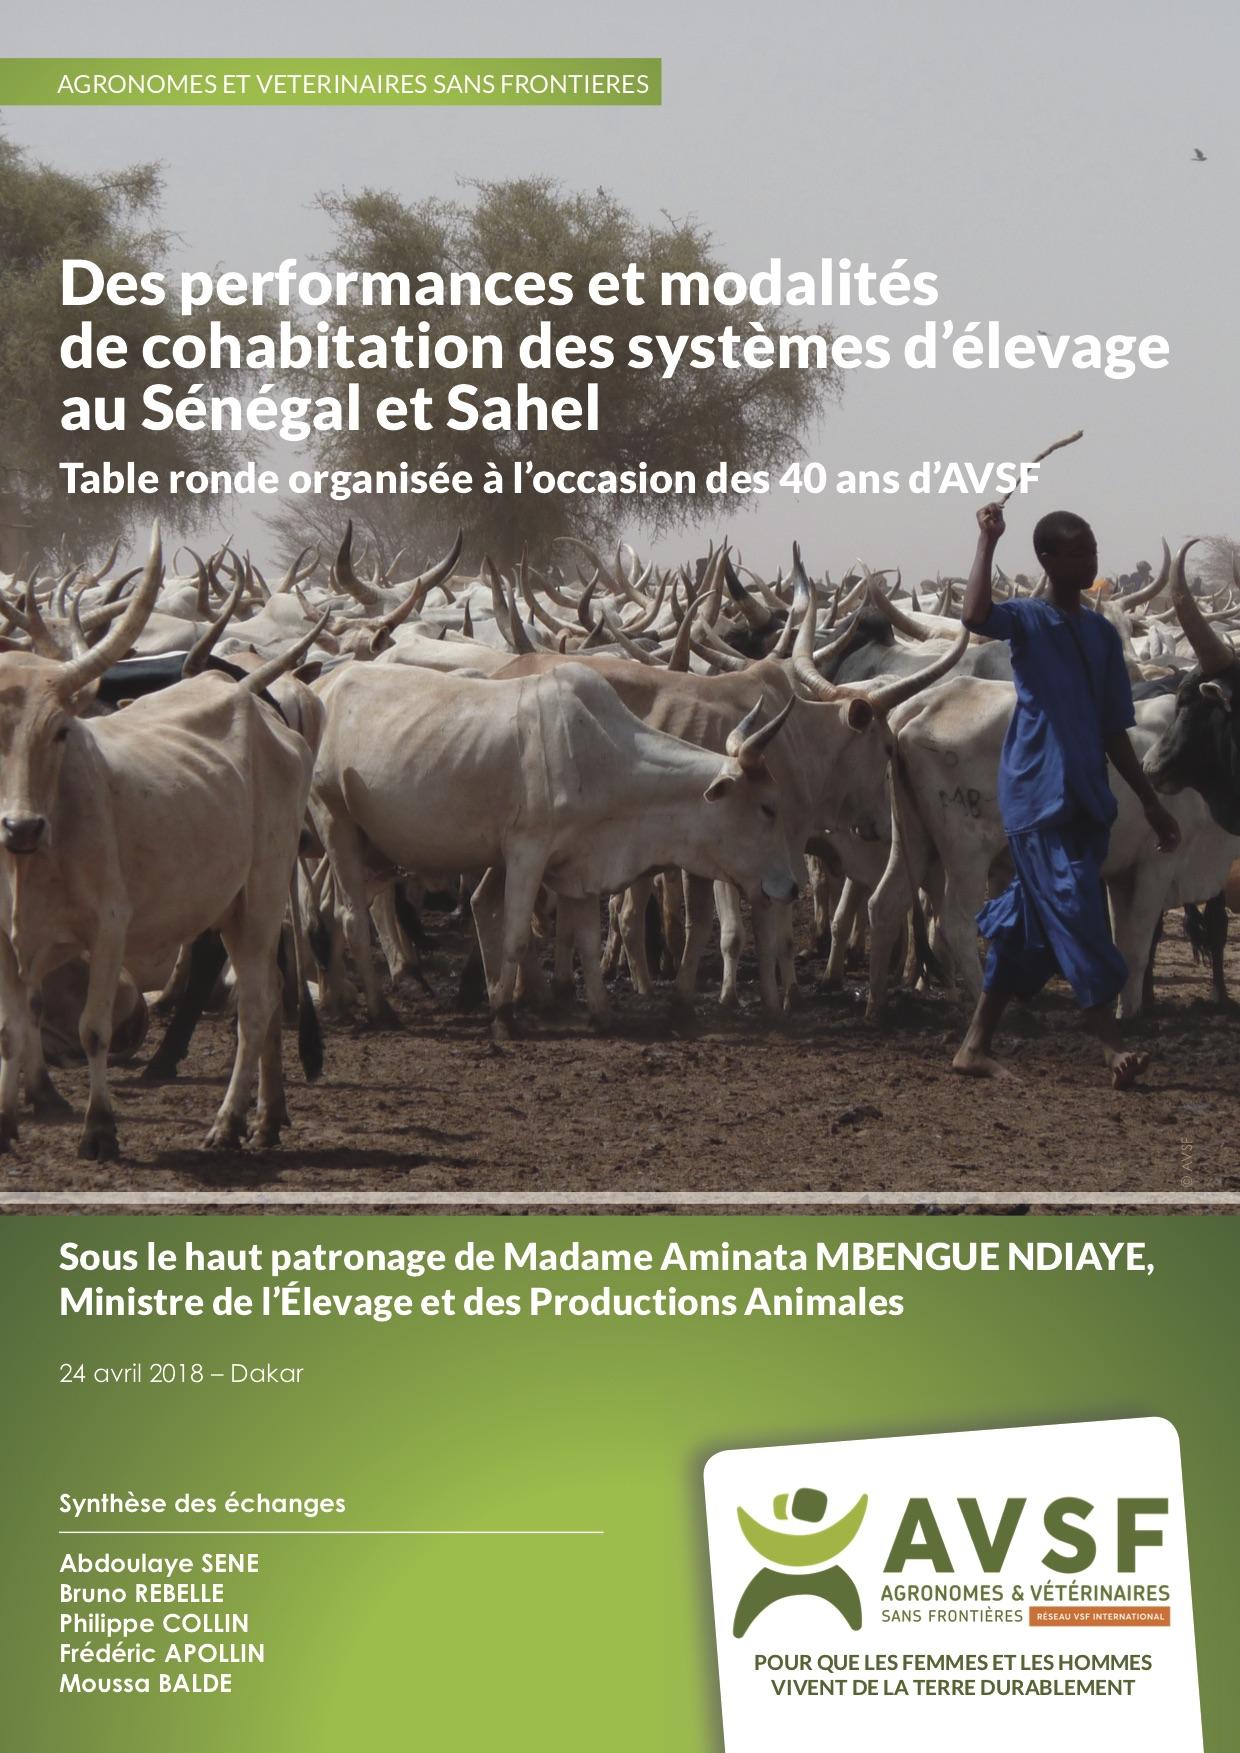 Des performances et modalités de cohabitation des systèmes d'élevage au Sénégal et Sahel Image principale